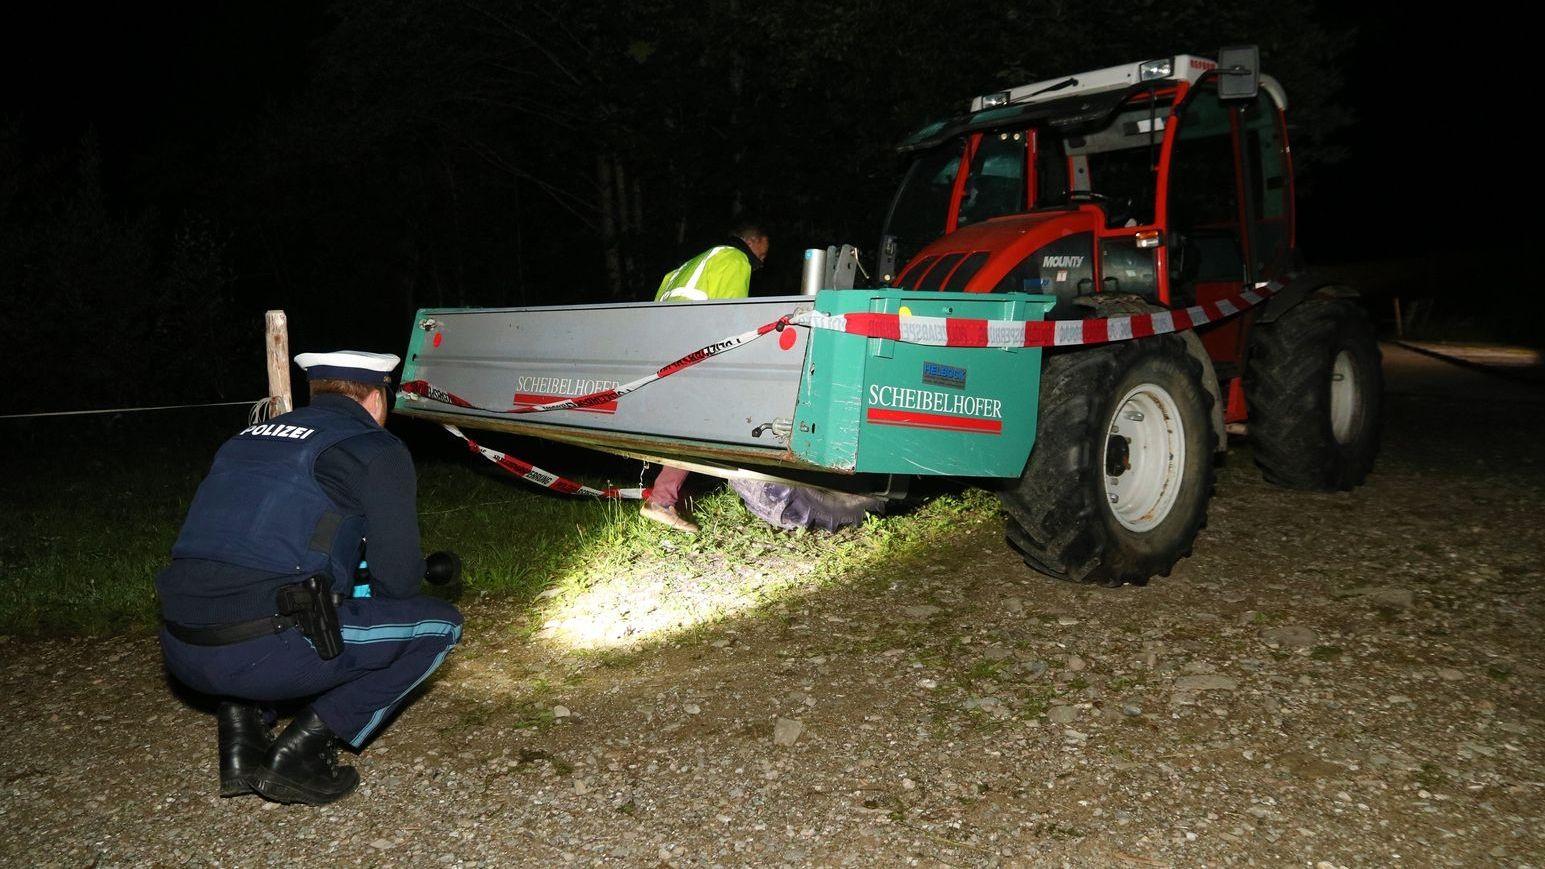 Polizist begutachtet Unfallstelle nach tödlichem Traktorunfall